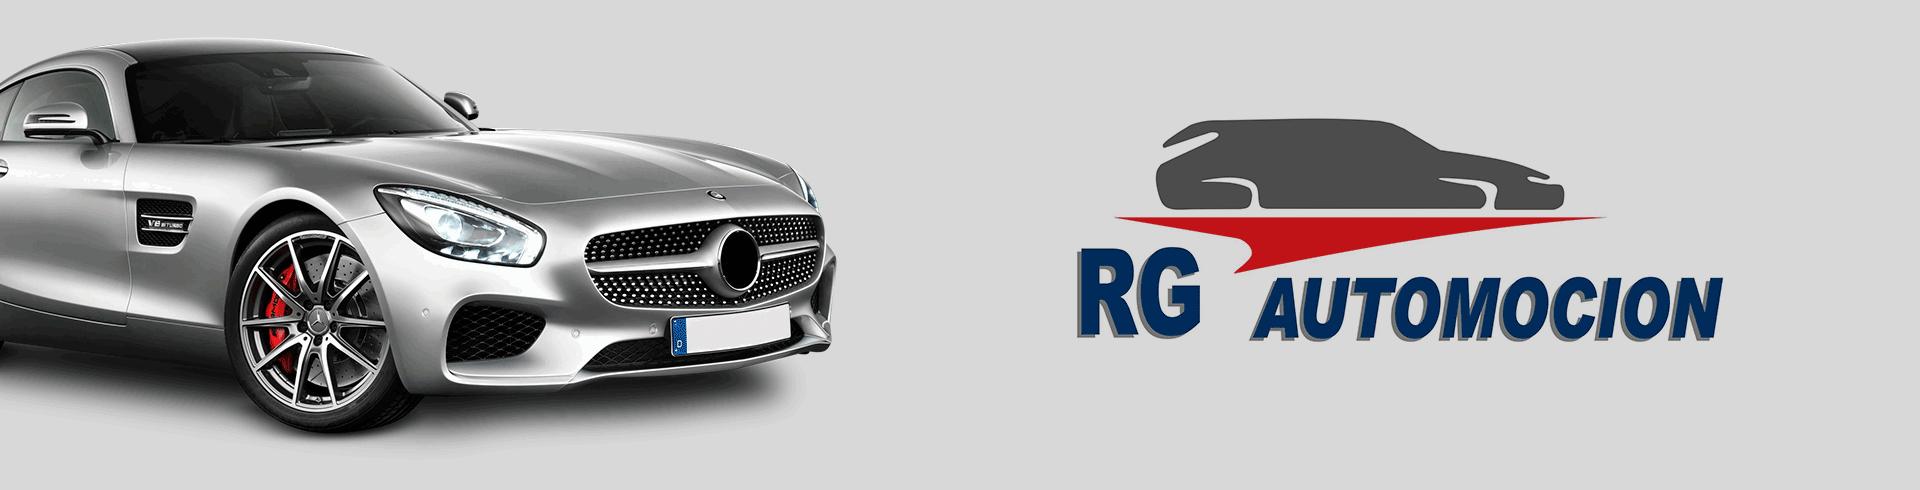 PIE-DE-PAGINA-RG-AUTOMOCION